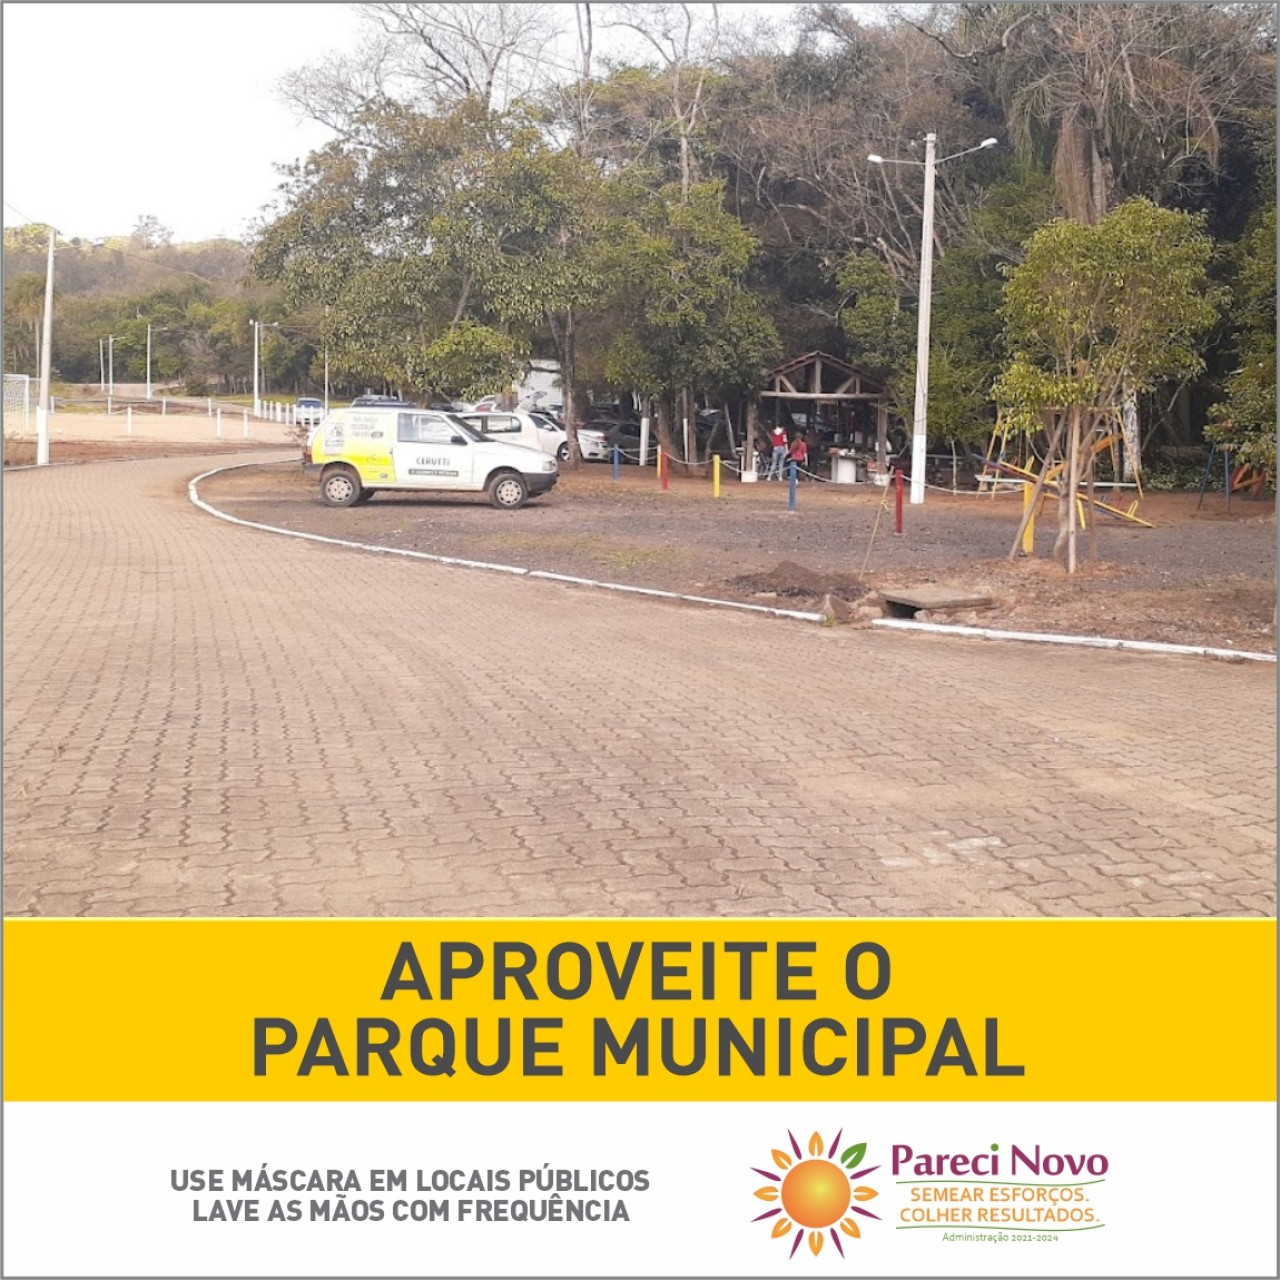 Aproveite o Parque Municipal